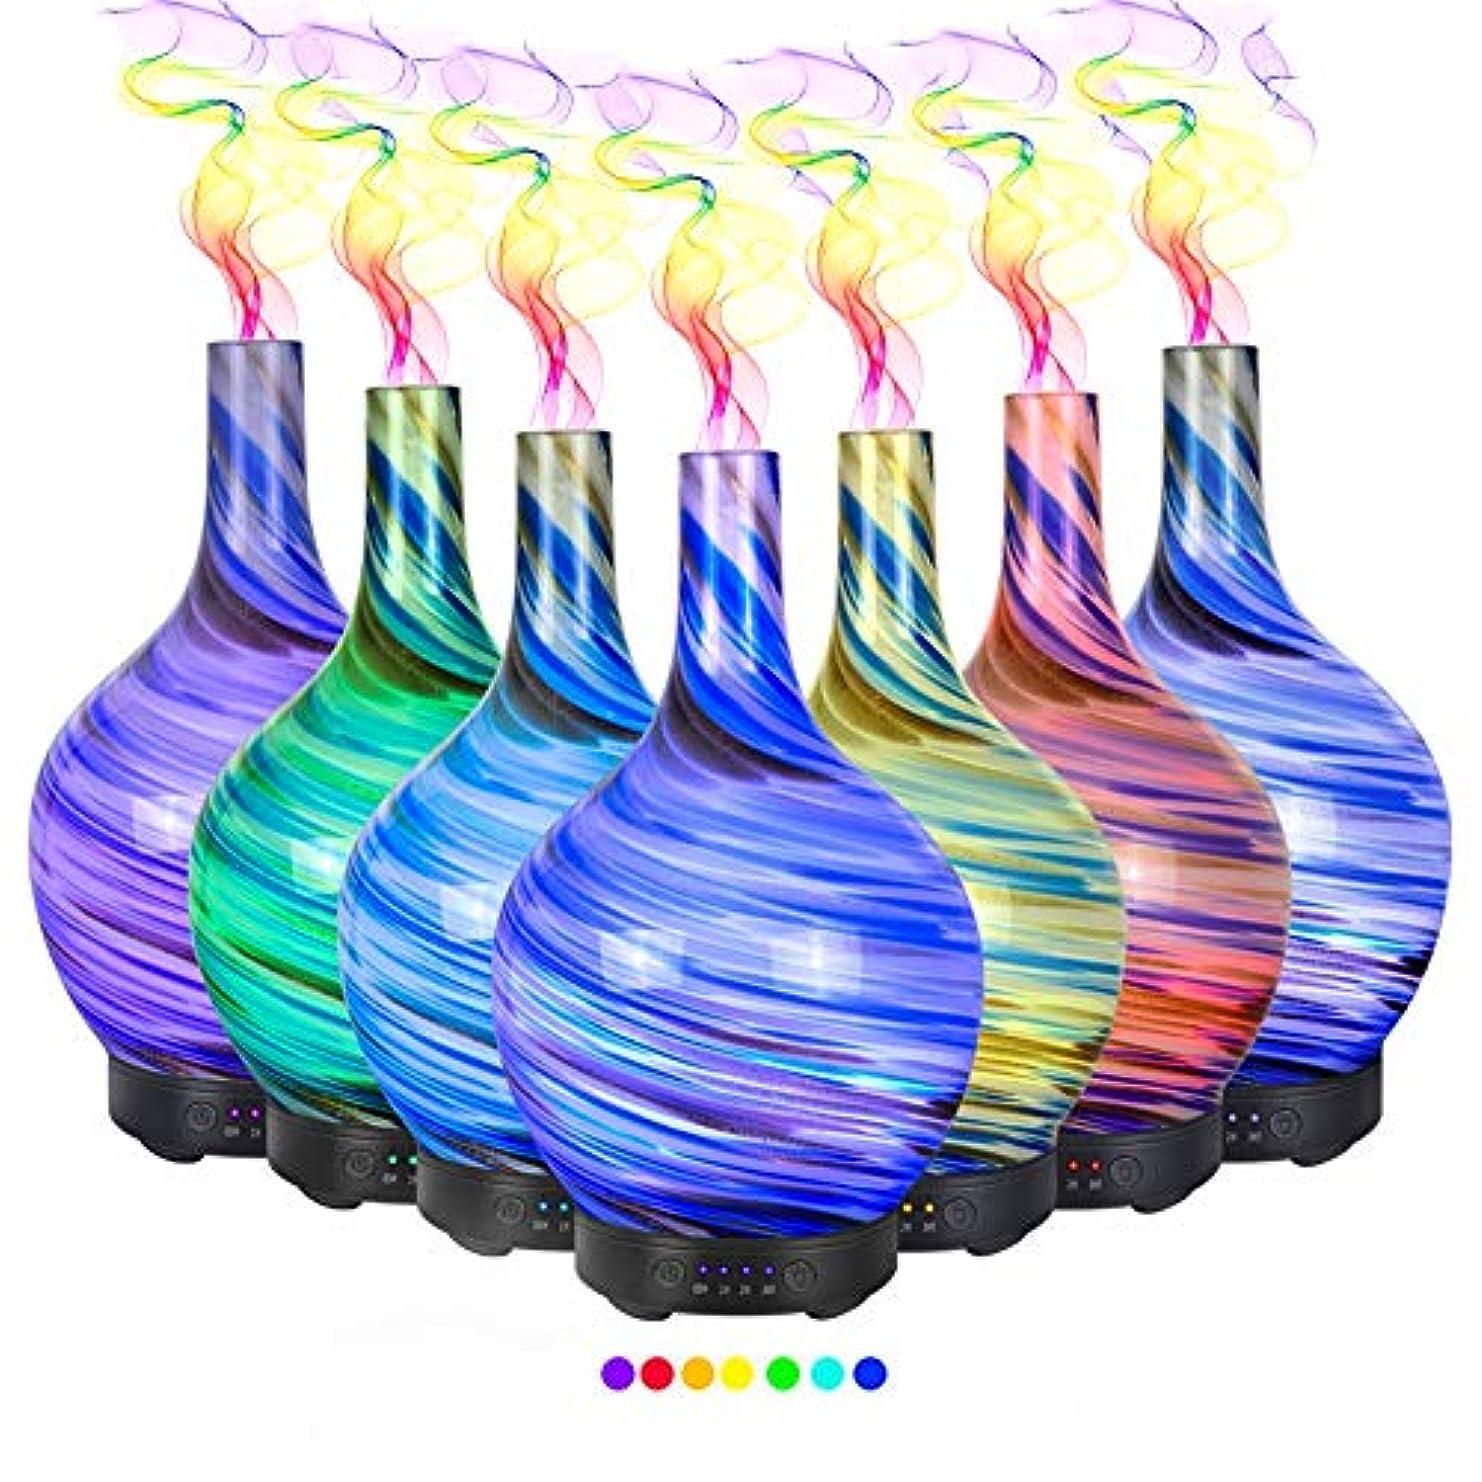 マイルストーンスタウト制限するエッセンシャルオイル用ディフューザー (100ml)-3d アートガラストルネードアロマ加湿器7色の変更 LED ライト & 4 タイマー設定、水なしの自動シャットオフ